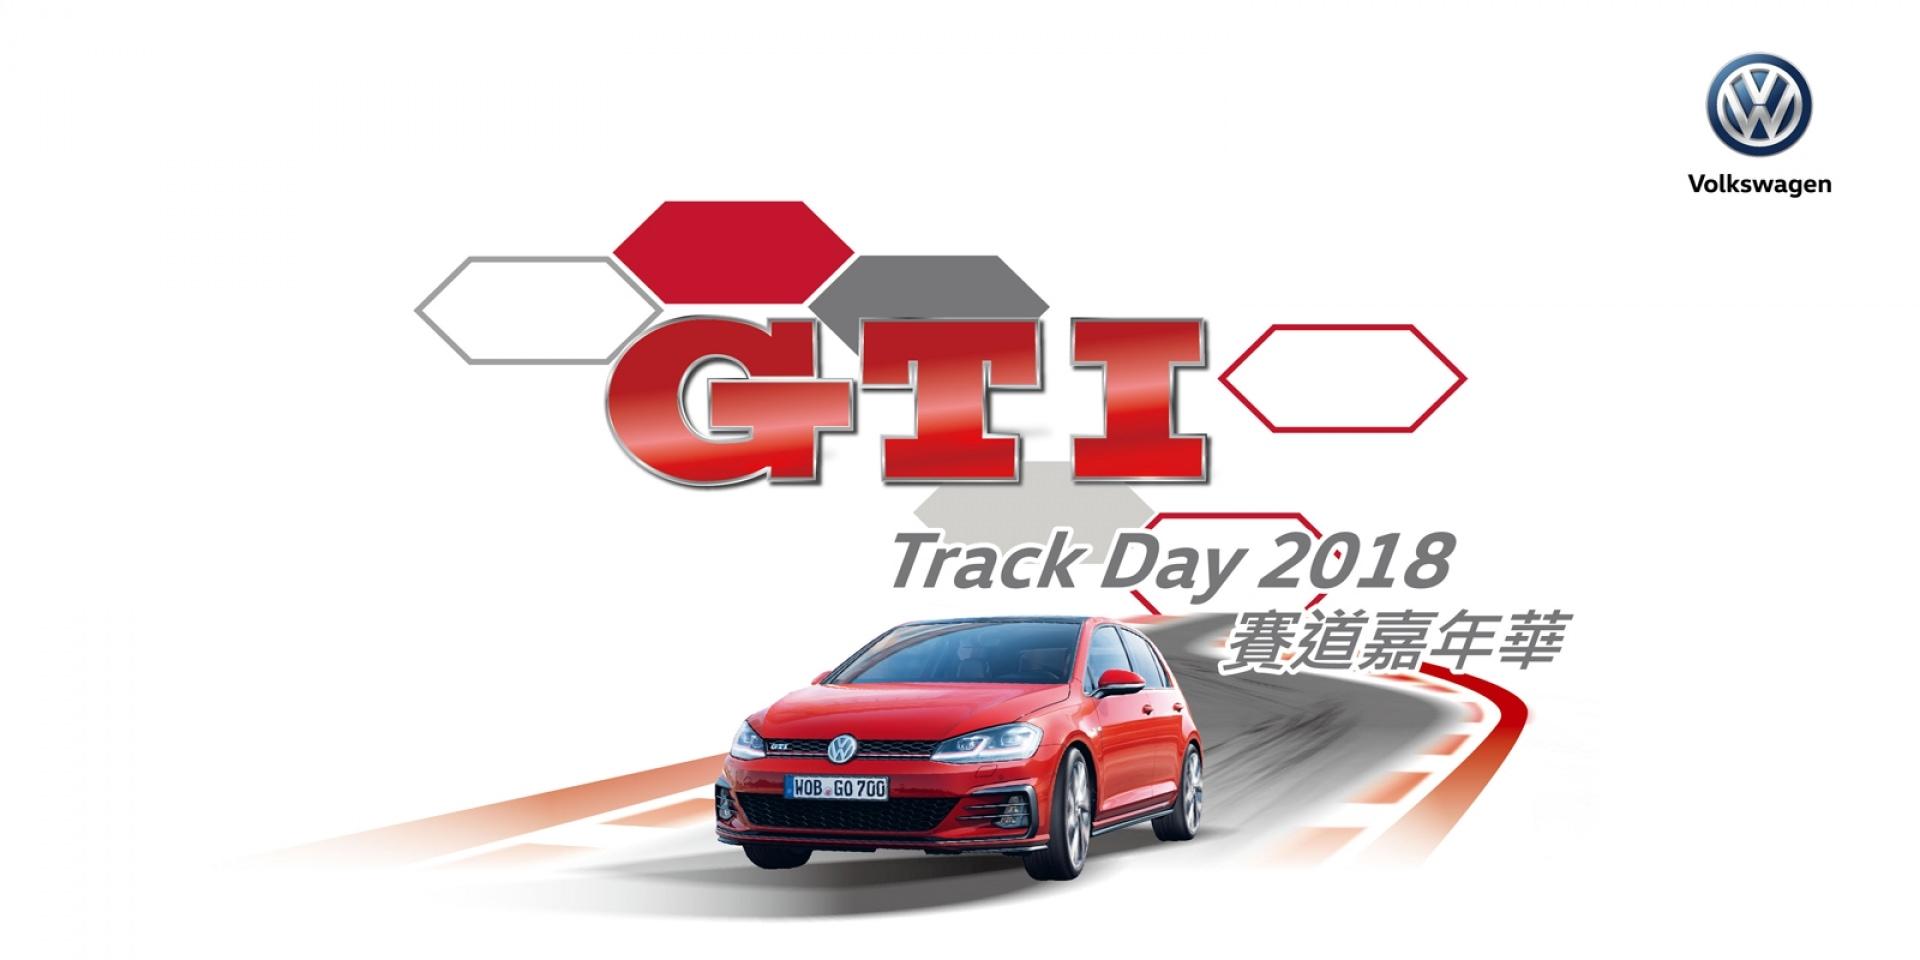 官方新聞稿。啟動熱血駕馭基因!Volkswagen GTI Track Day 2018賽道嘉年華